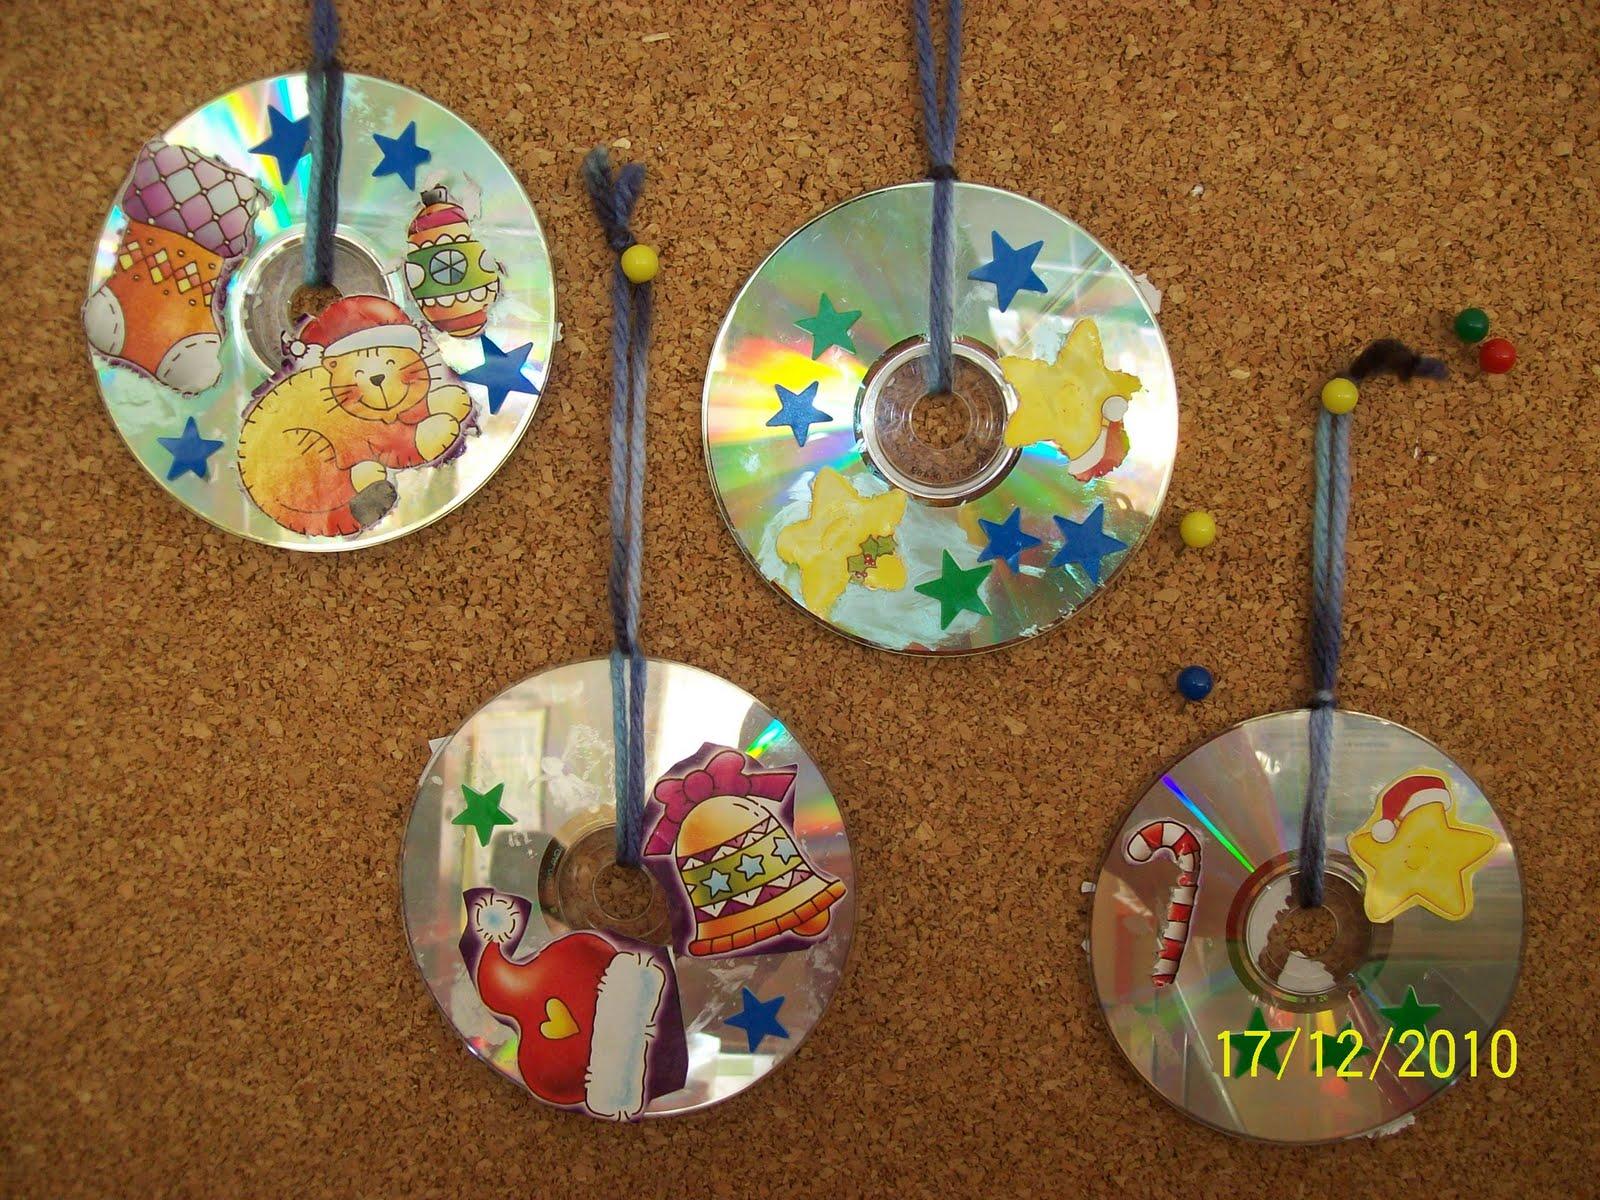 M s de 1000 im genes sobre actividades con cd en pinterest - Manualidades con cd usados ...